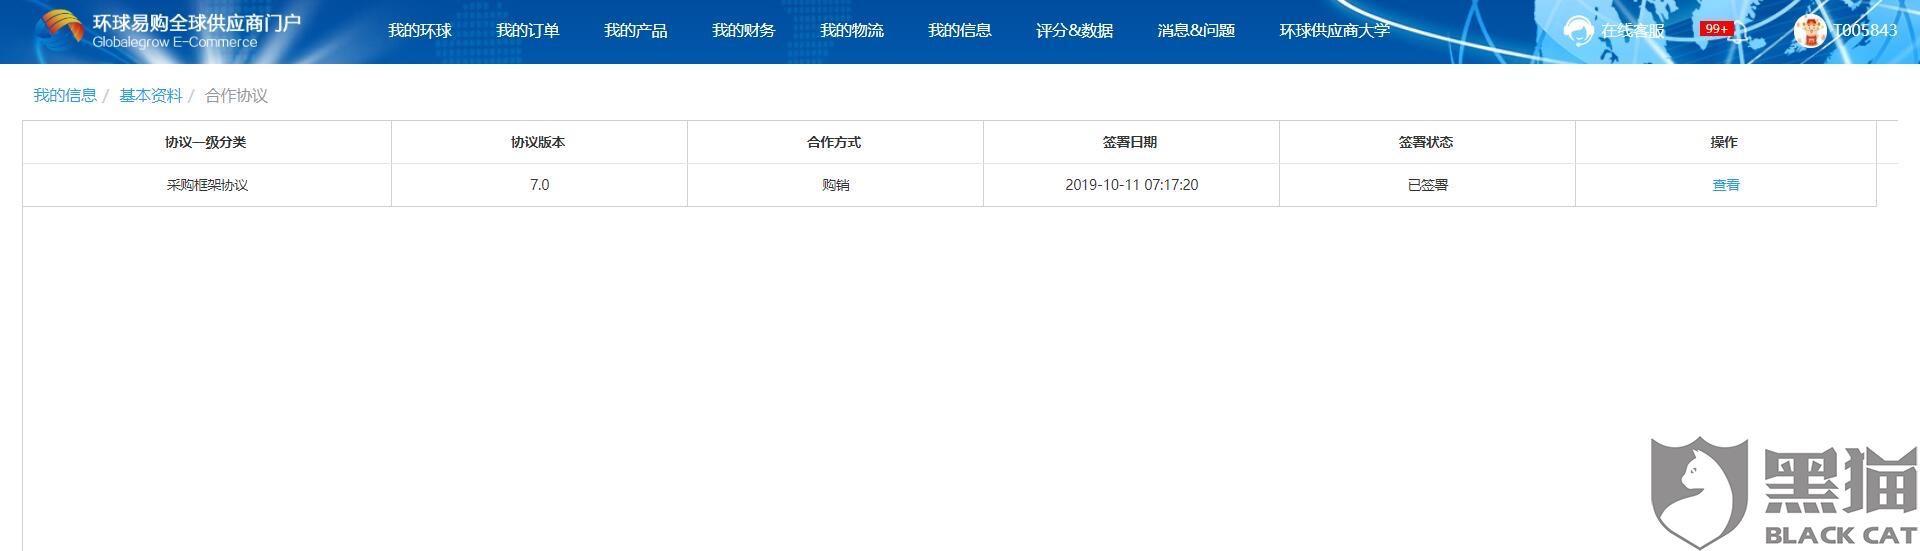 黑猫投诉:投诉环球易购拖欠应付货款,应付日期为2019年8月1号,累计欠款总额152***